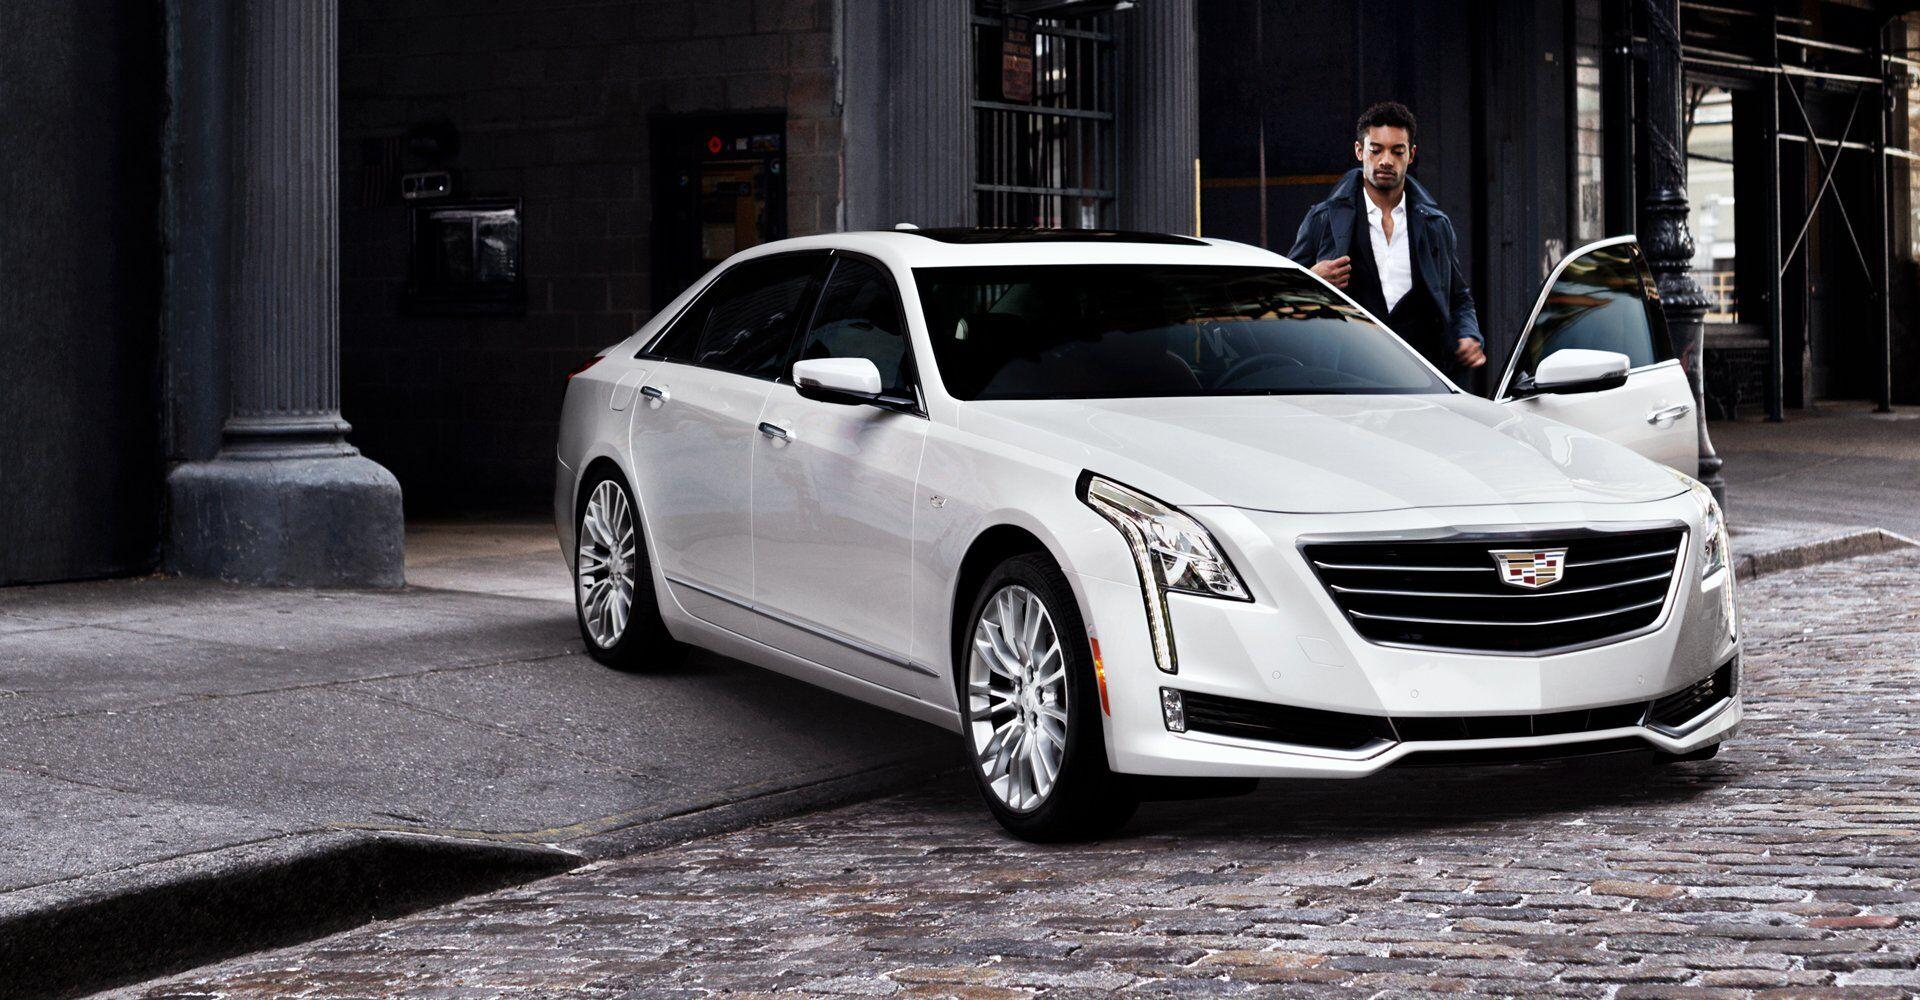 Baker motor company charleston sc for Cadillac motor car company